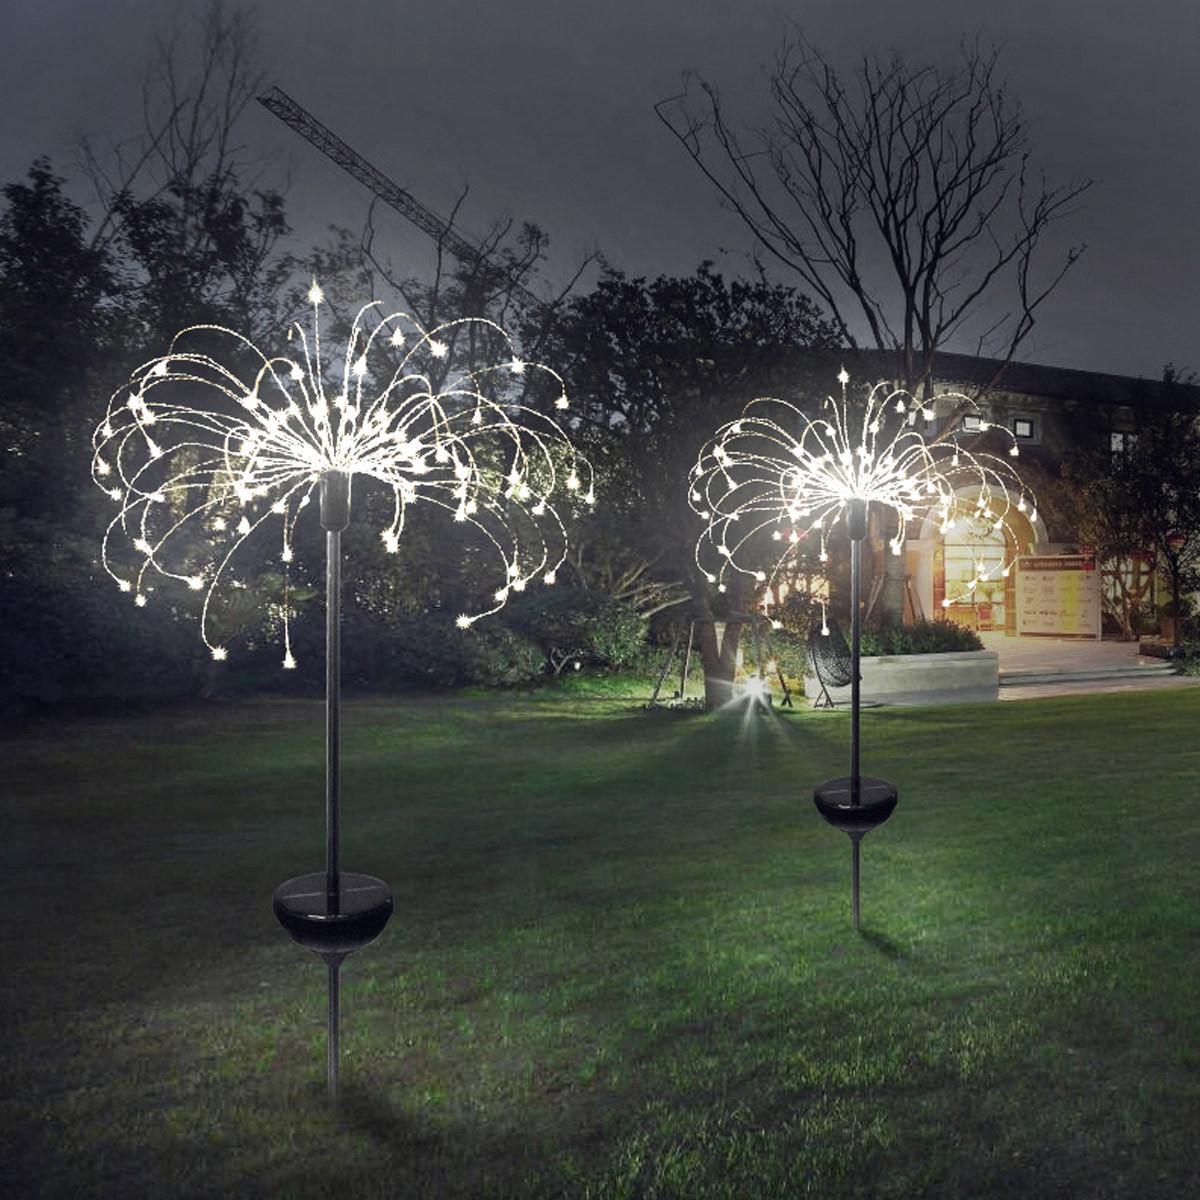 Lampki LED fajerwerki w ogrodzie